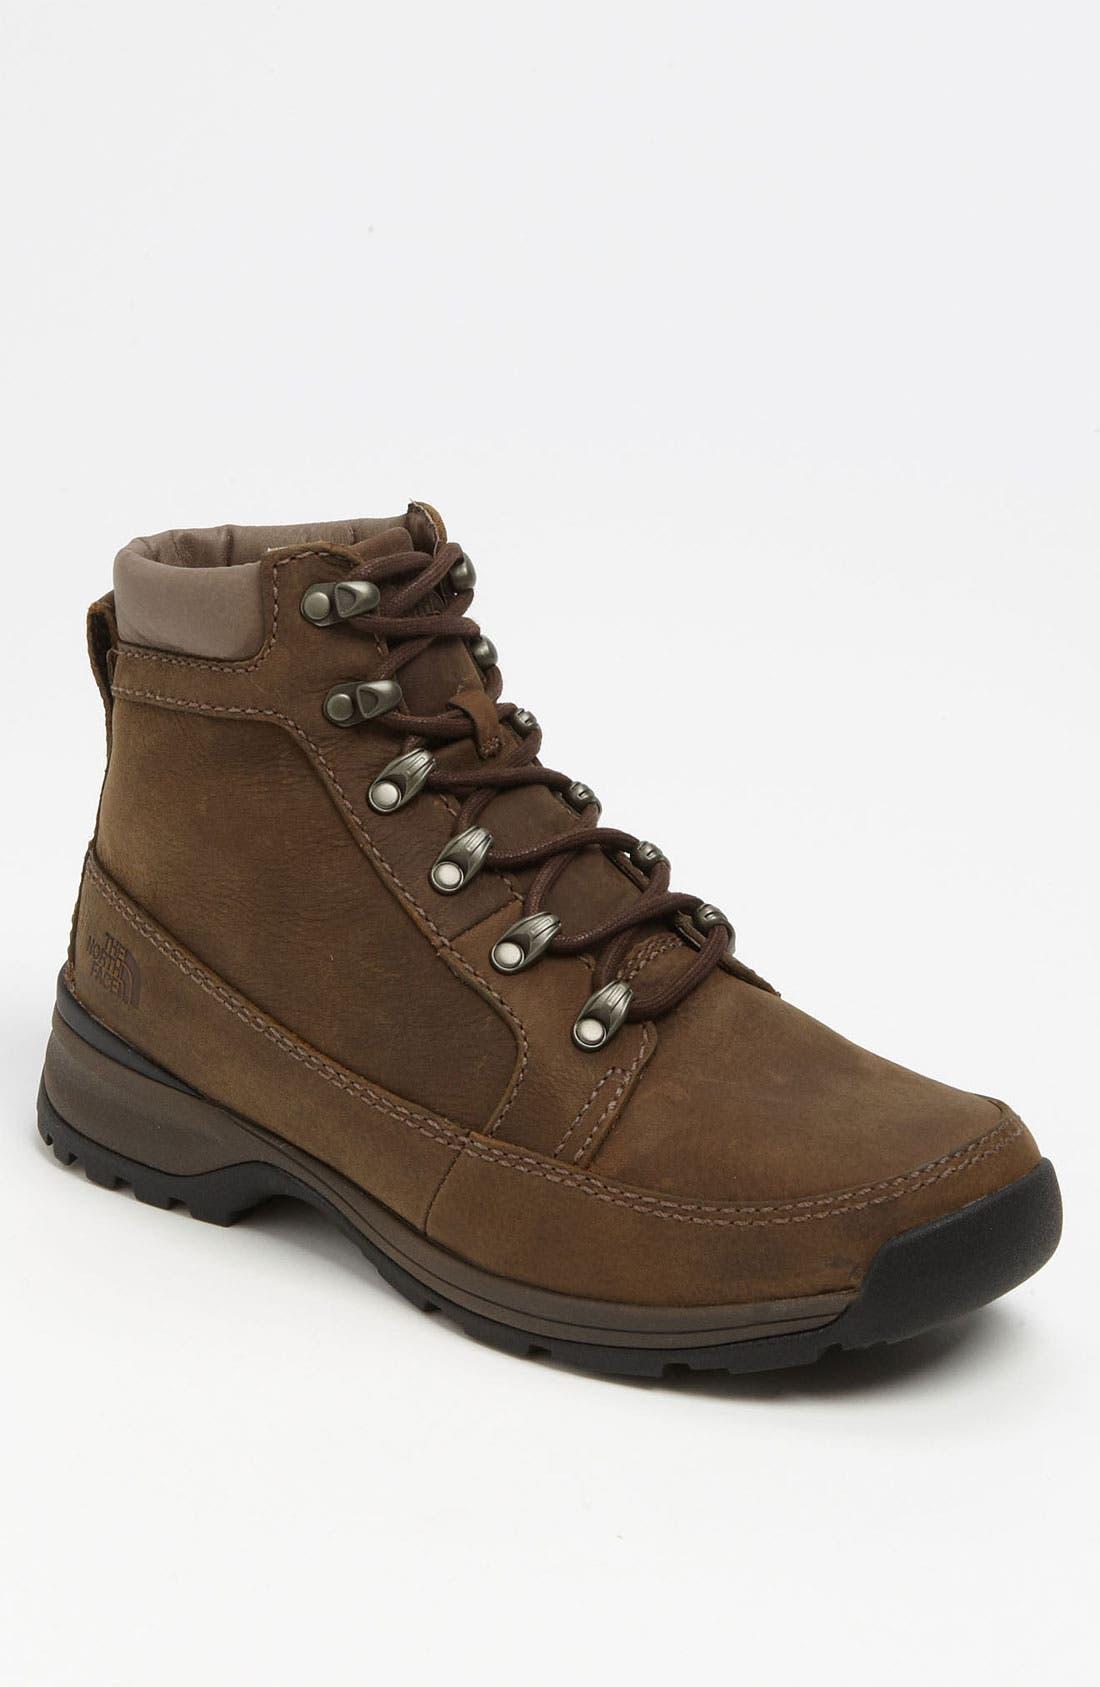 Main Image - The North Face 'Ketchum' Boot